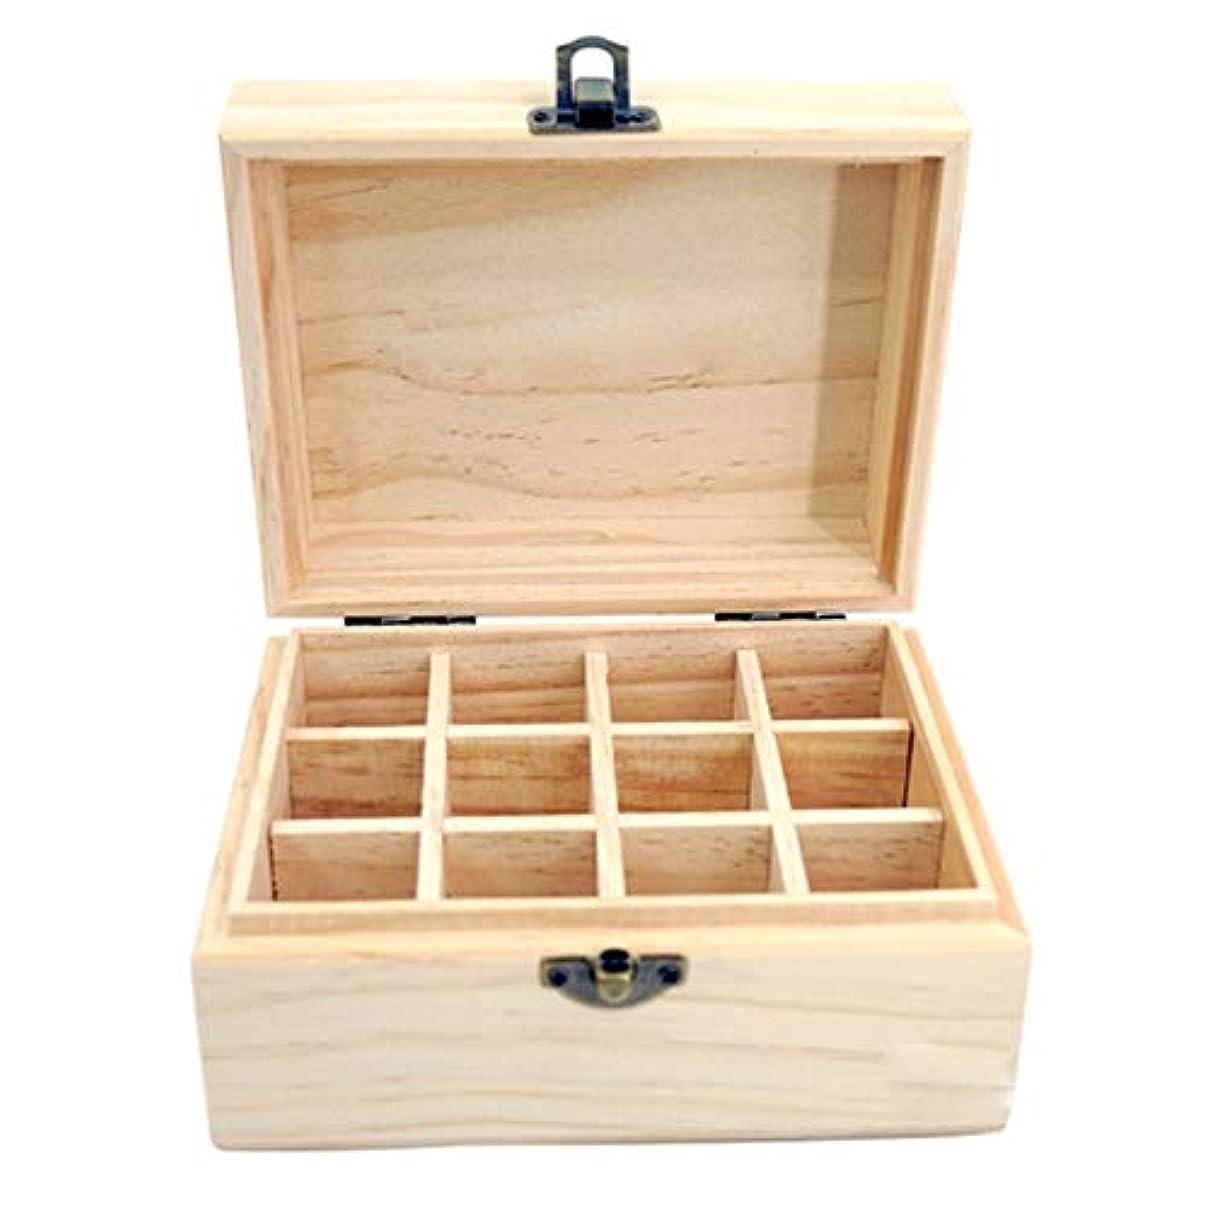 欲しいですすり詩人エッセンシャルオイルストレージボックス 18スロットエッセンシャルオイル木製ボックス収納ケースは、あなたの油安全保護さを保つ保護します 旅行およびプレゼンテーション用 (色 : Natural, サイズ : 15X11.5X8CM)